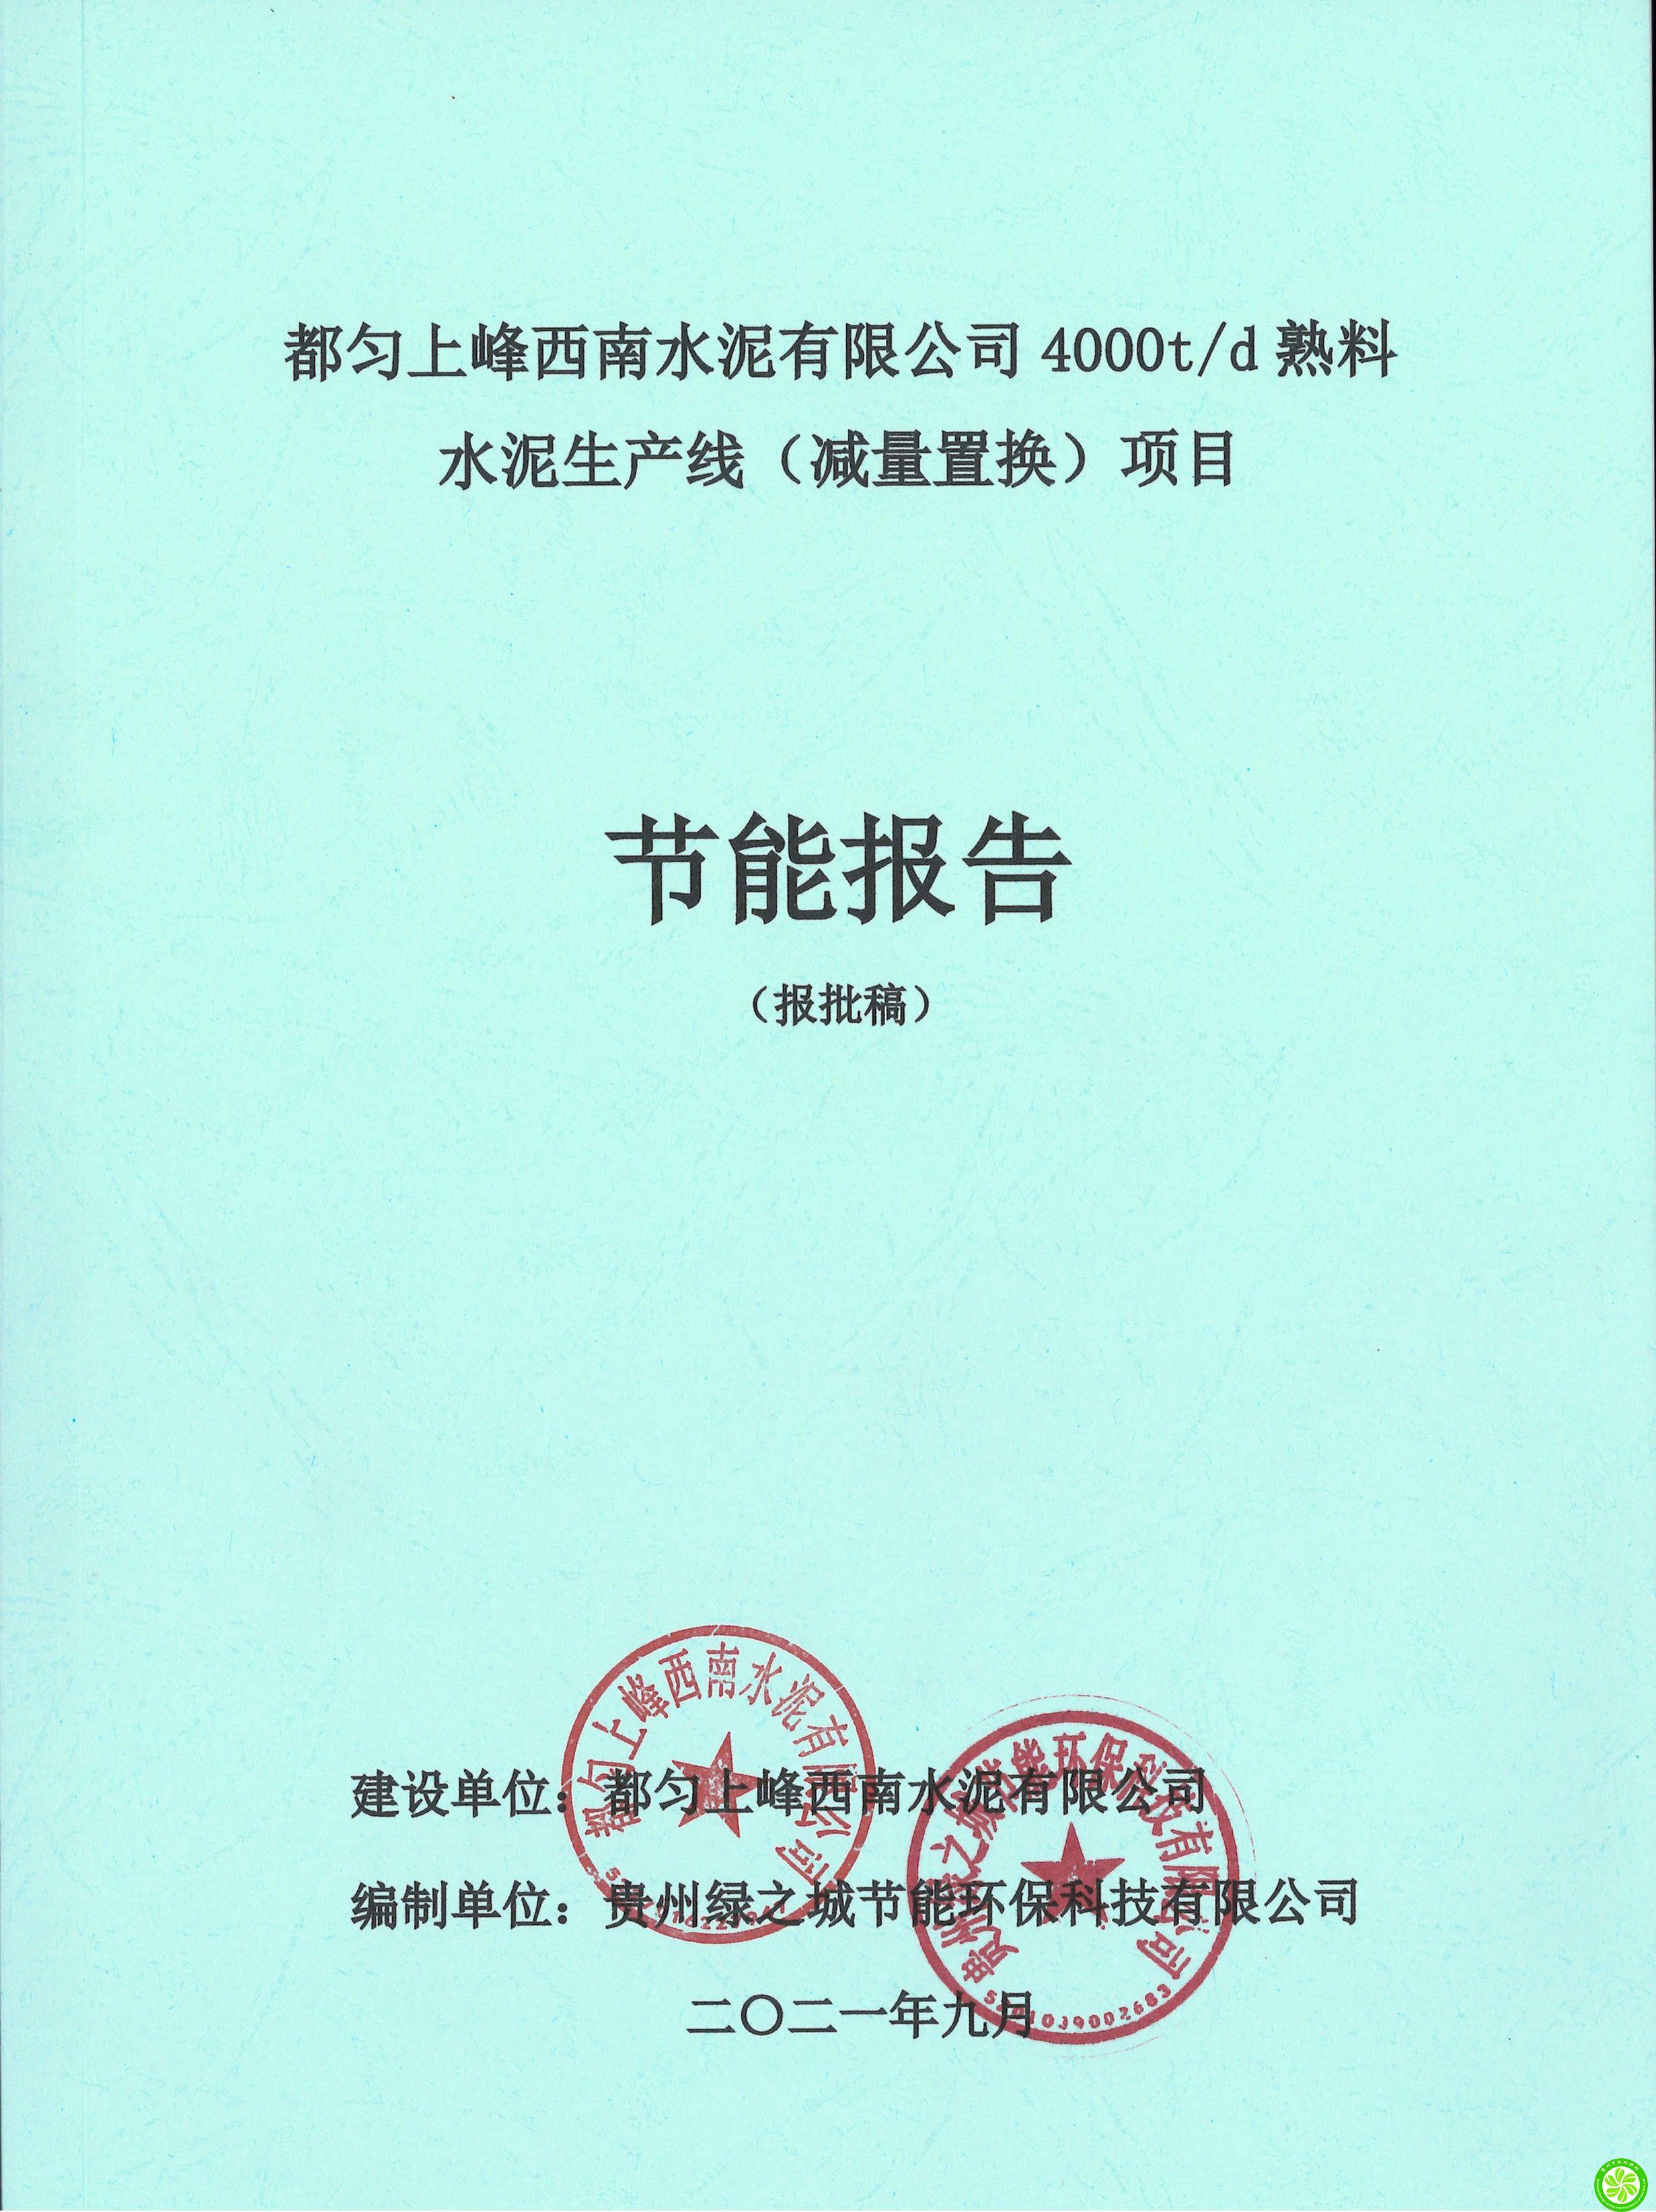 都匀上峰西南水泥有限公司4000t/d熟料 水泥生产线(减量置换)项目节能报告